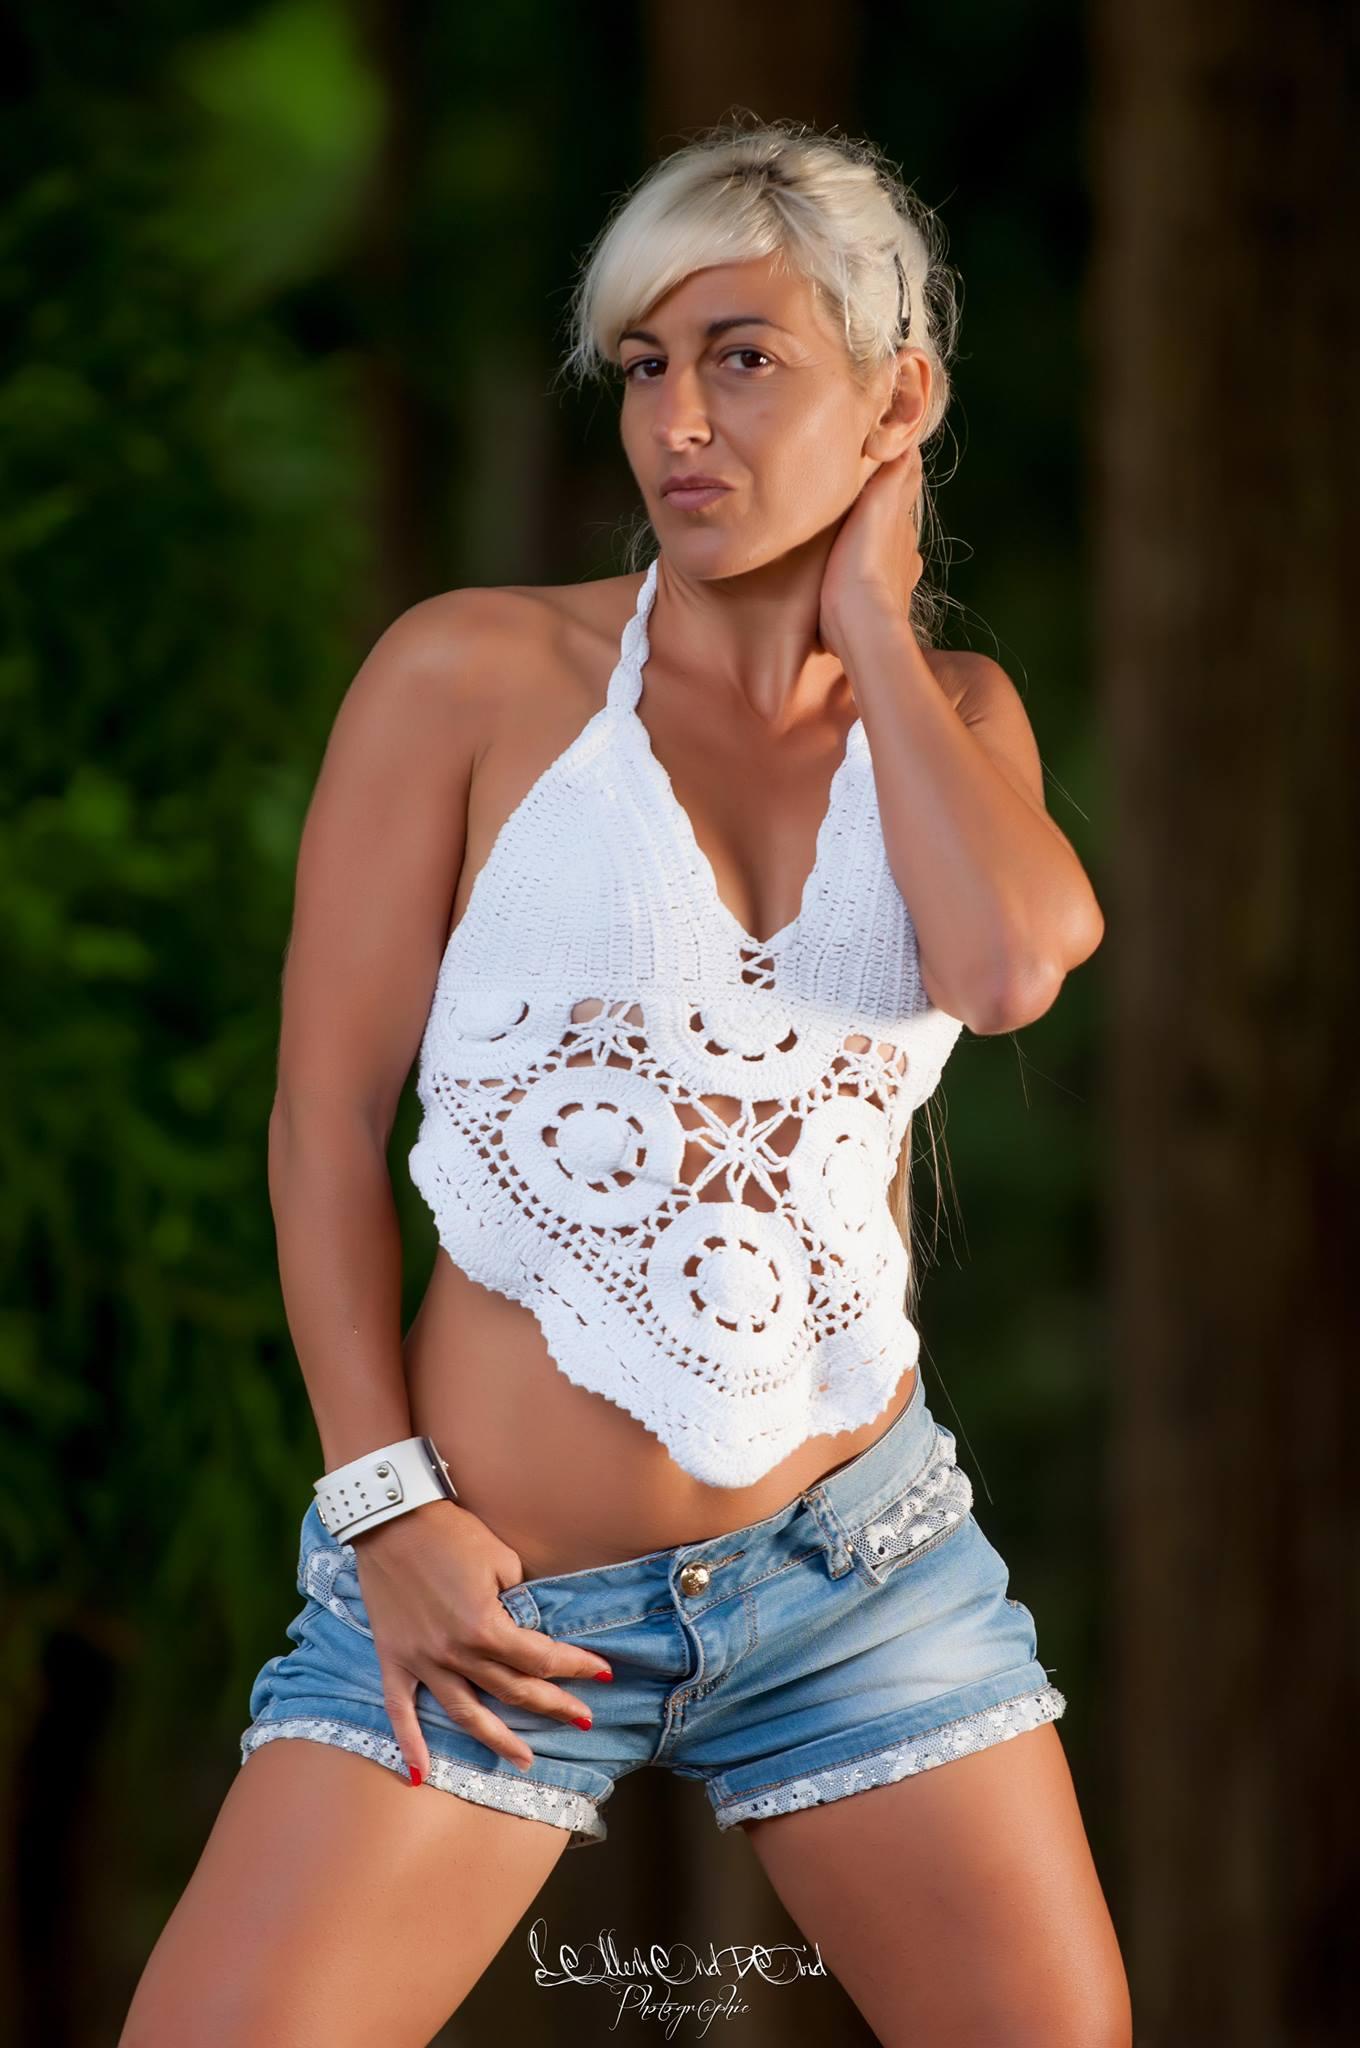 Sabrina Moreau, la quarantaine flamboyante